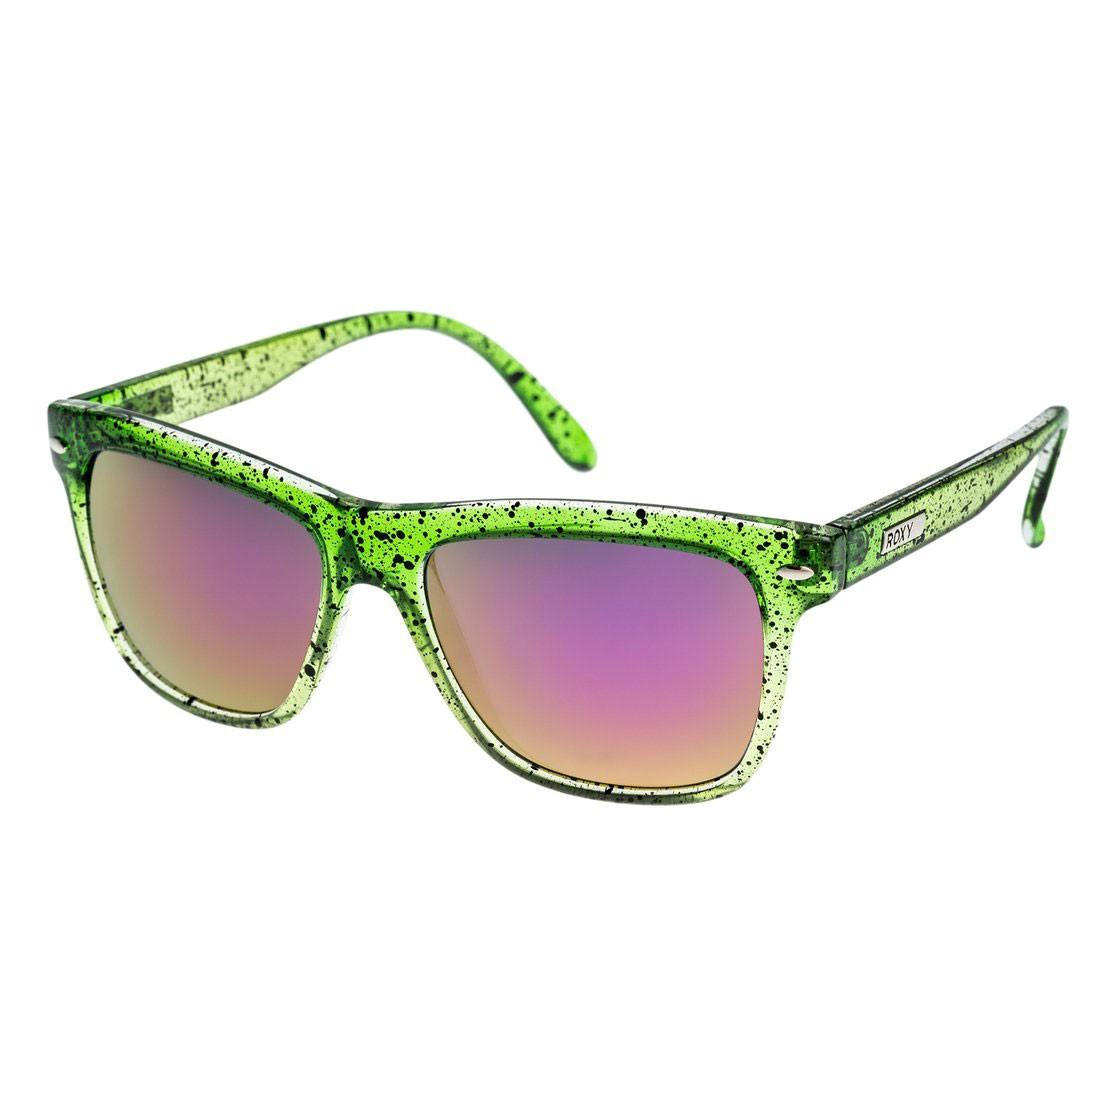 Sluneční brýle Roxy Miller green vel.PURPLE 14 + doručení do 24 hodin